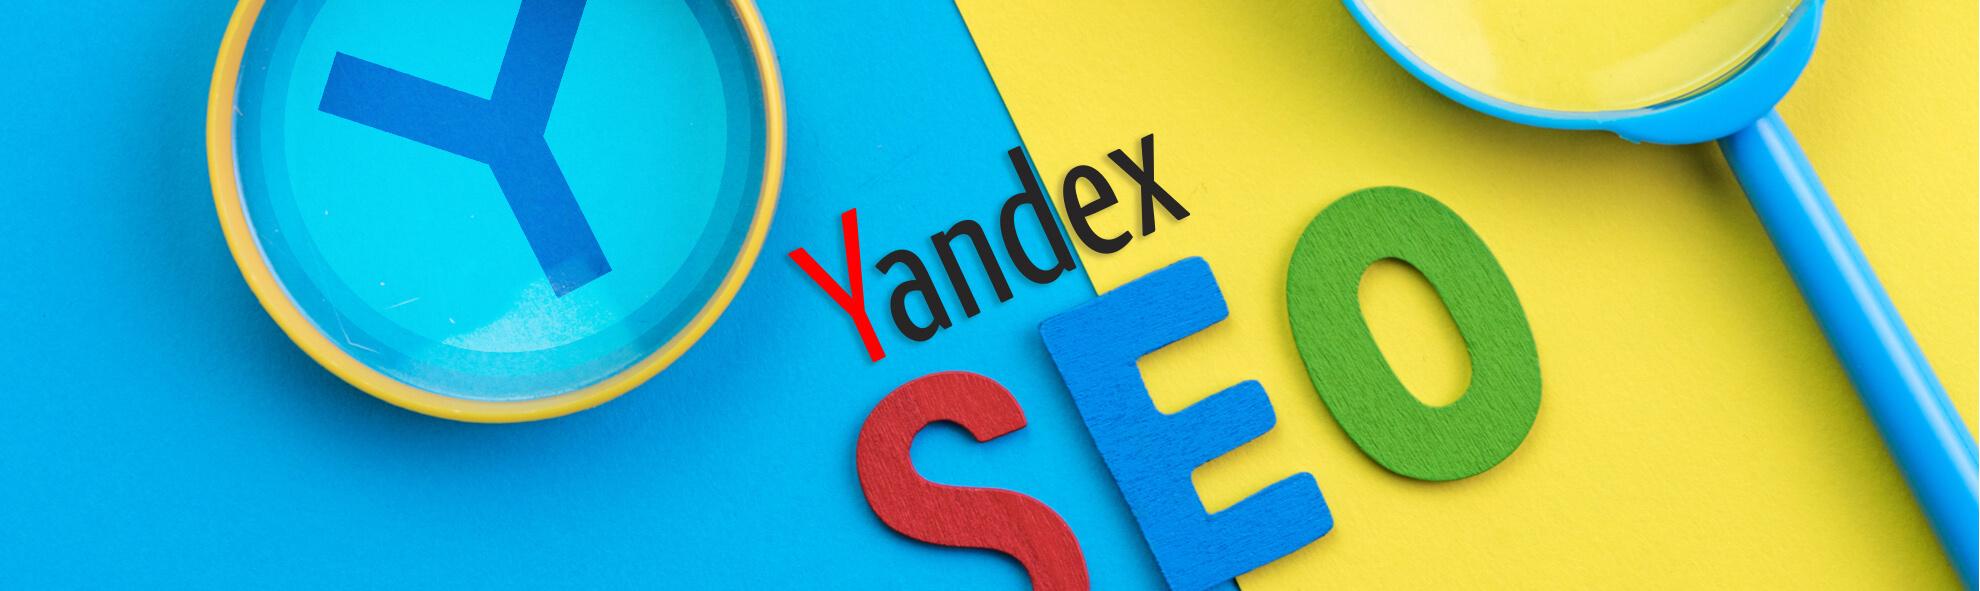 Продвижение сайтов в яндекс топ 10 в календаре на айфоне появляются события с ссылками на сайты